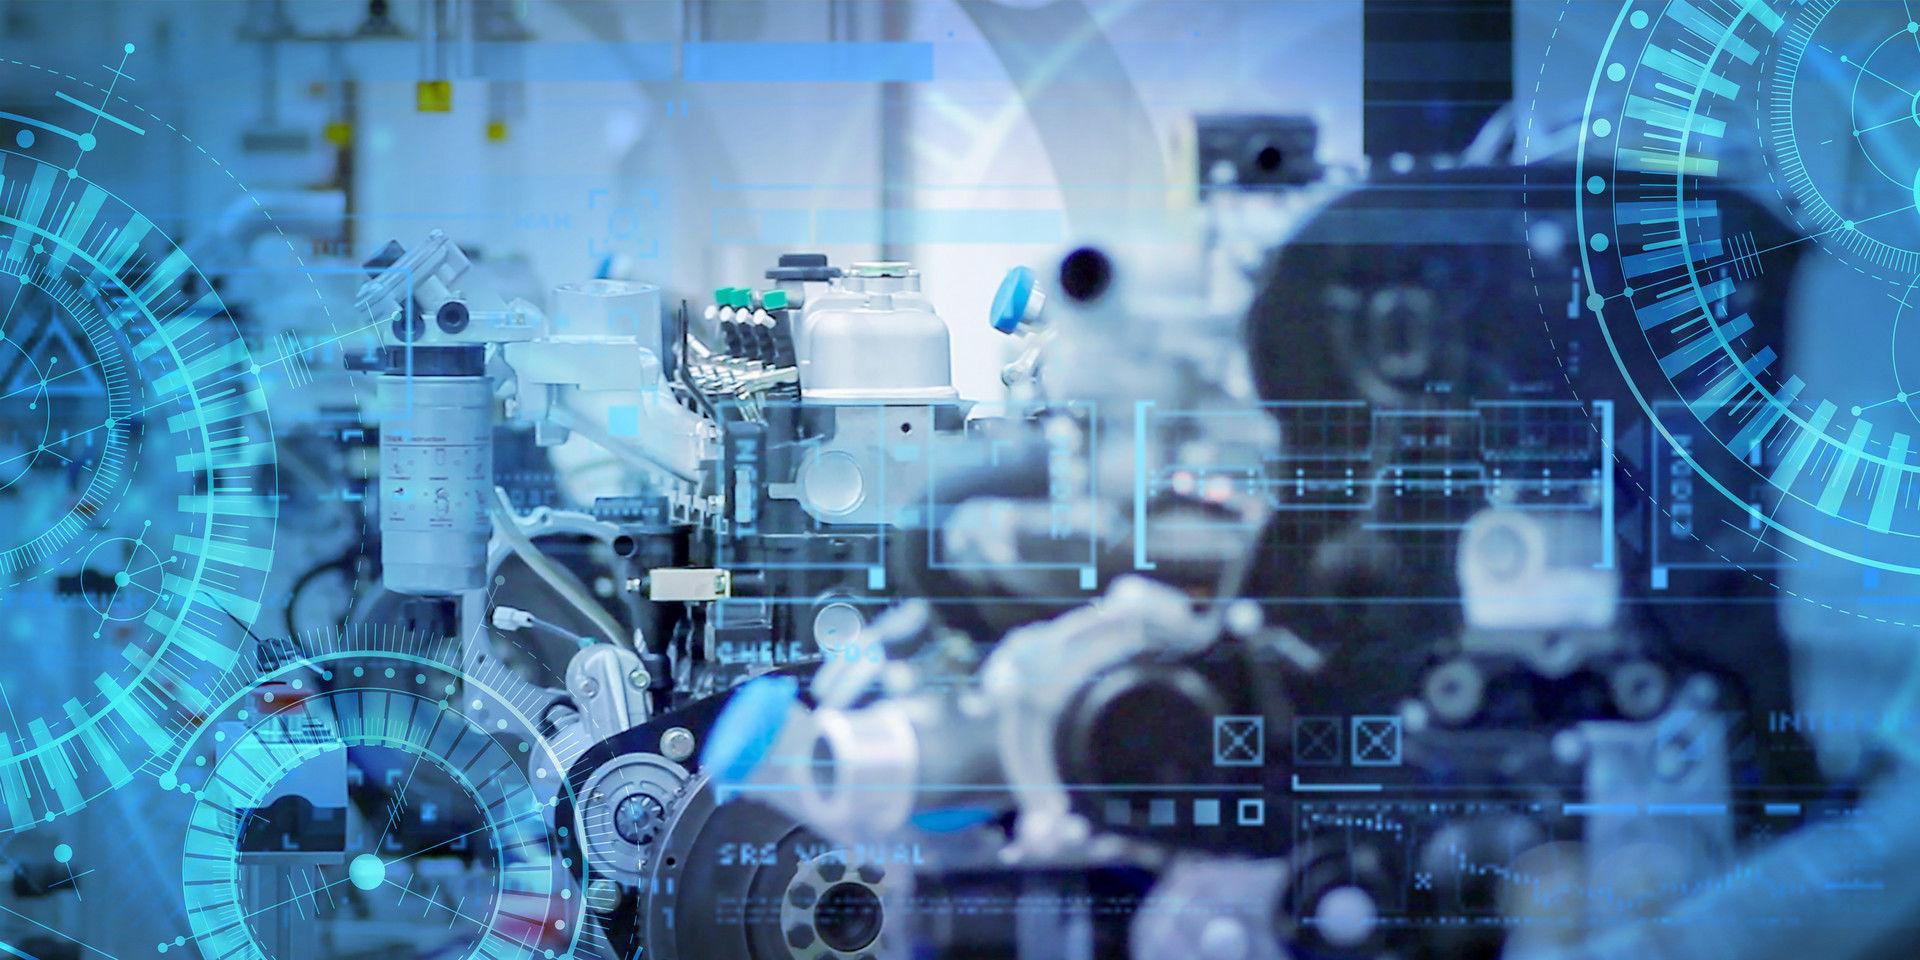 国内资讯_青岛发起高端制造业+人工智能攻势 由制造迈向智造_青岛频道 ...